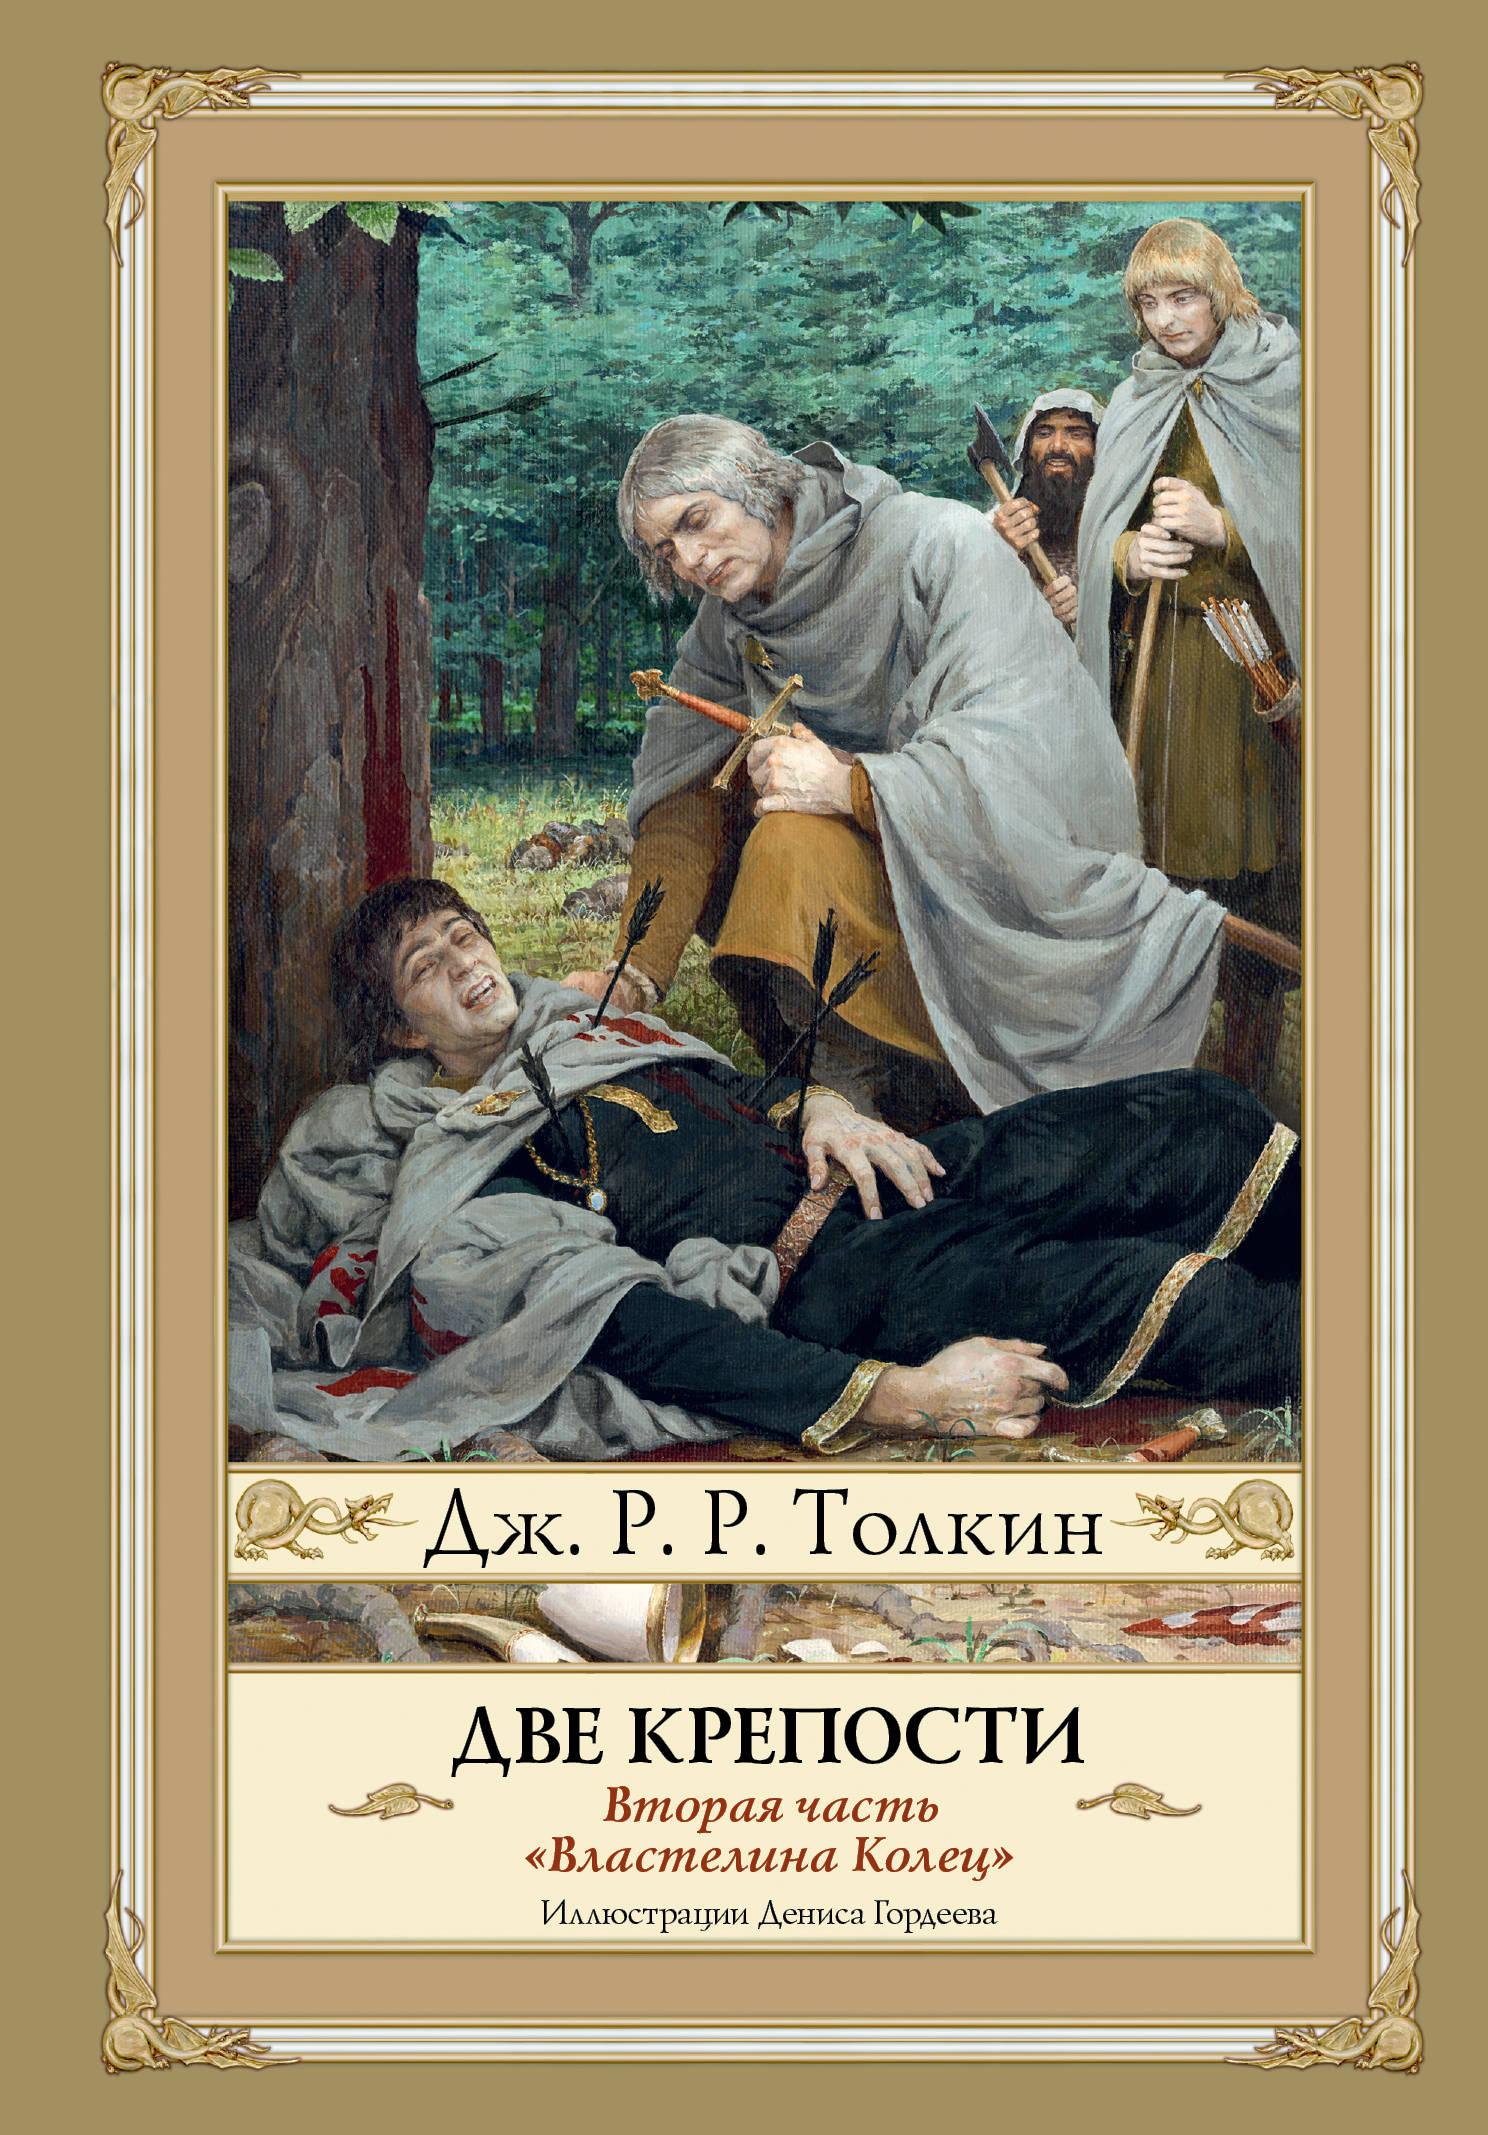 купить Джон Рональд Руэл Толкин Две крепости. Второе издание по цене 779 рублей